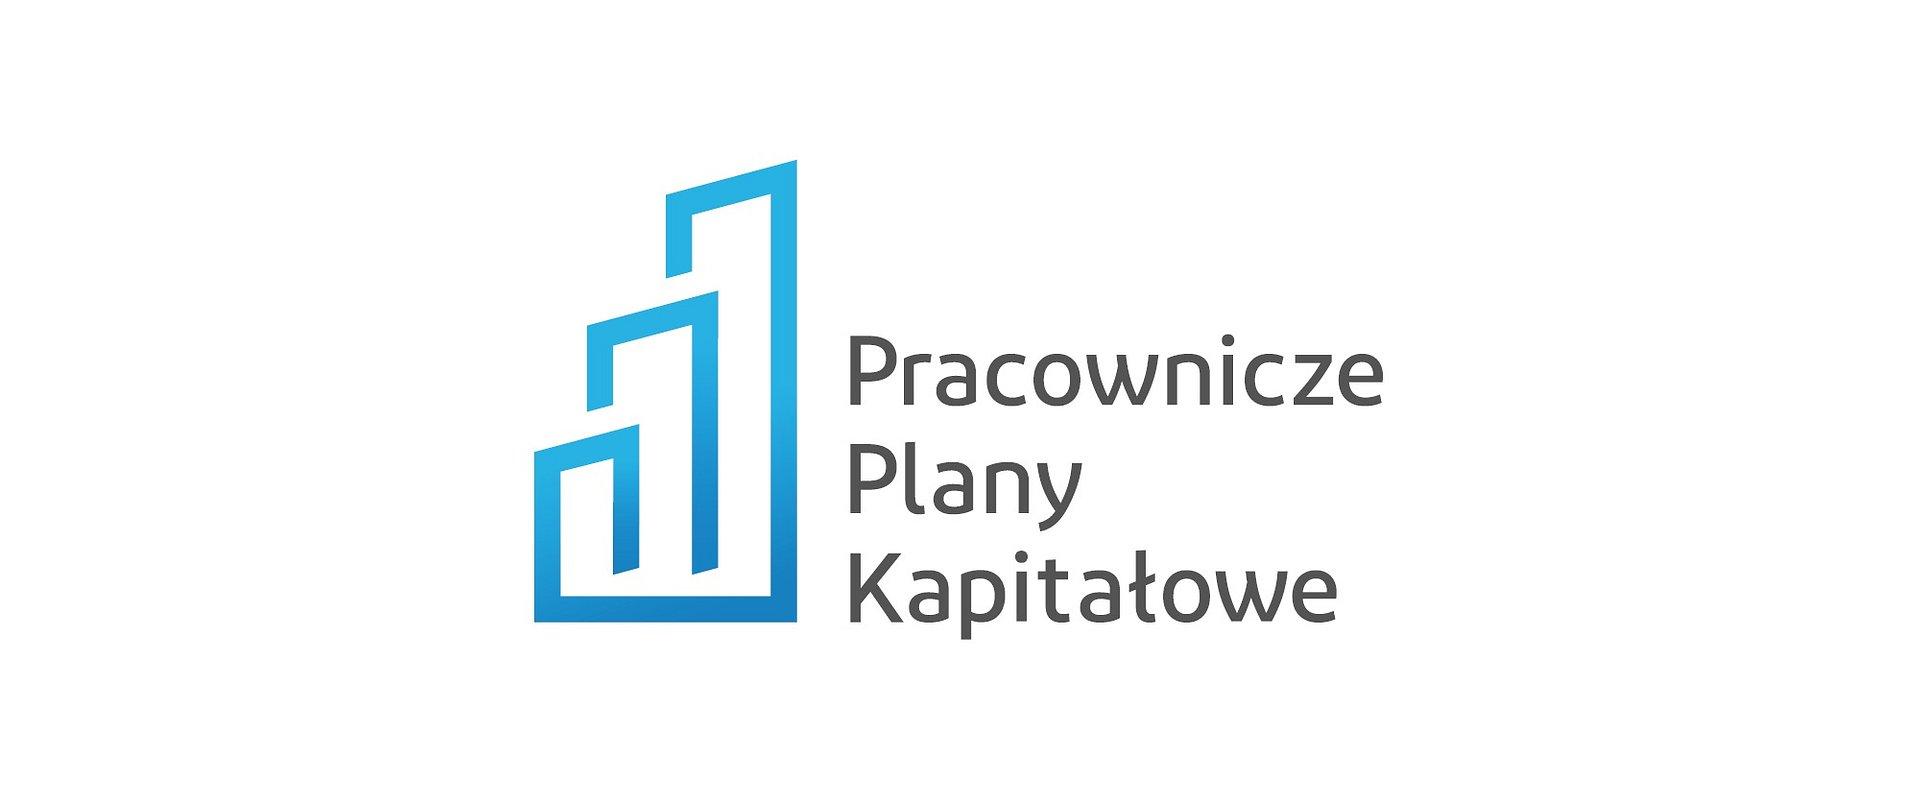 Pierwsze podmioty zarządzające wpisane do ewidencji PPK